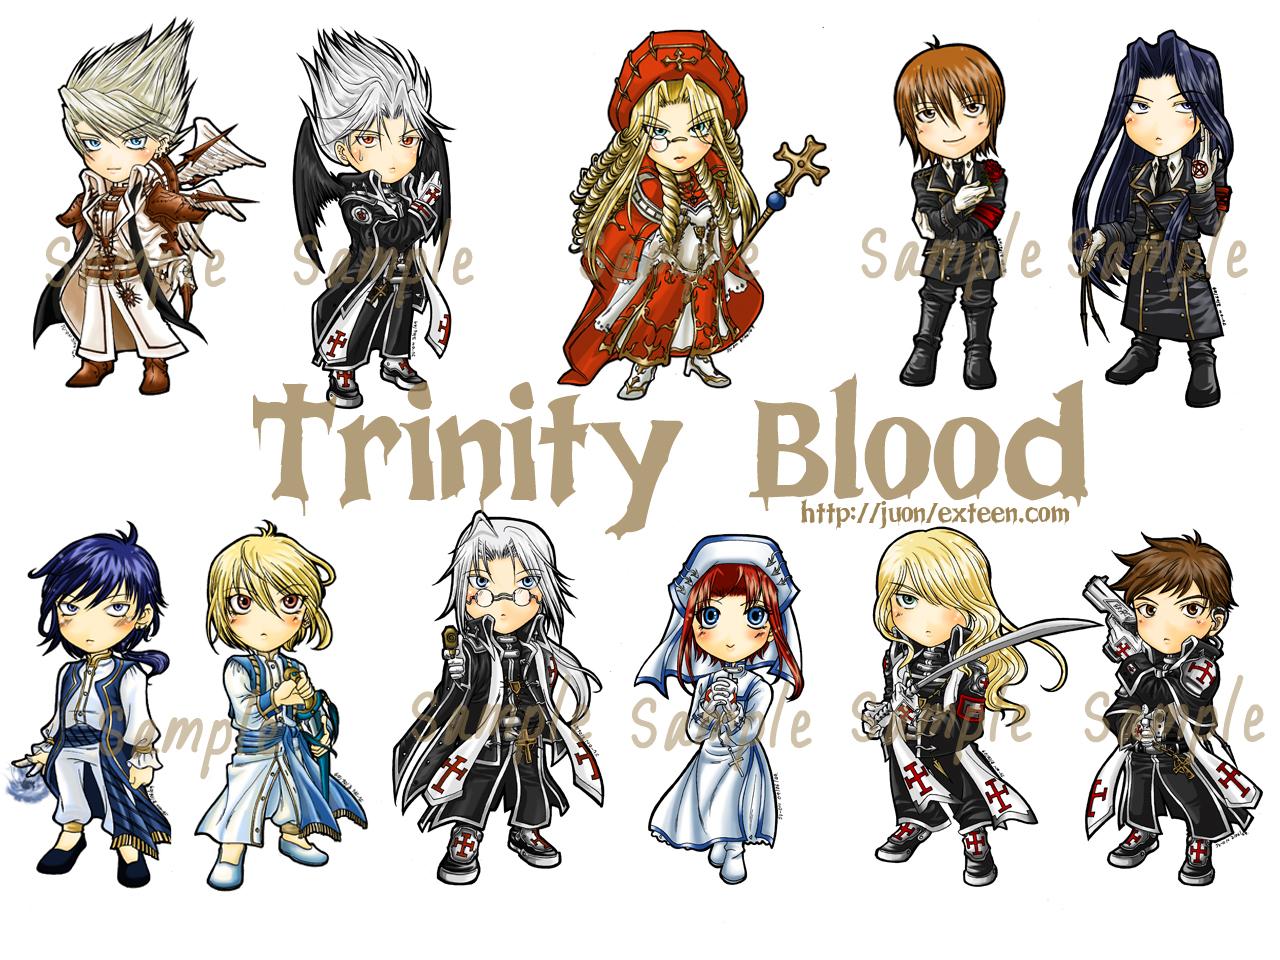 Trinity blood episodio 03 la estrella de los lamentos 1 ciudad de sangre - 1 9